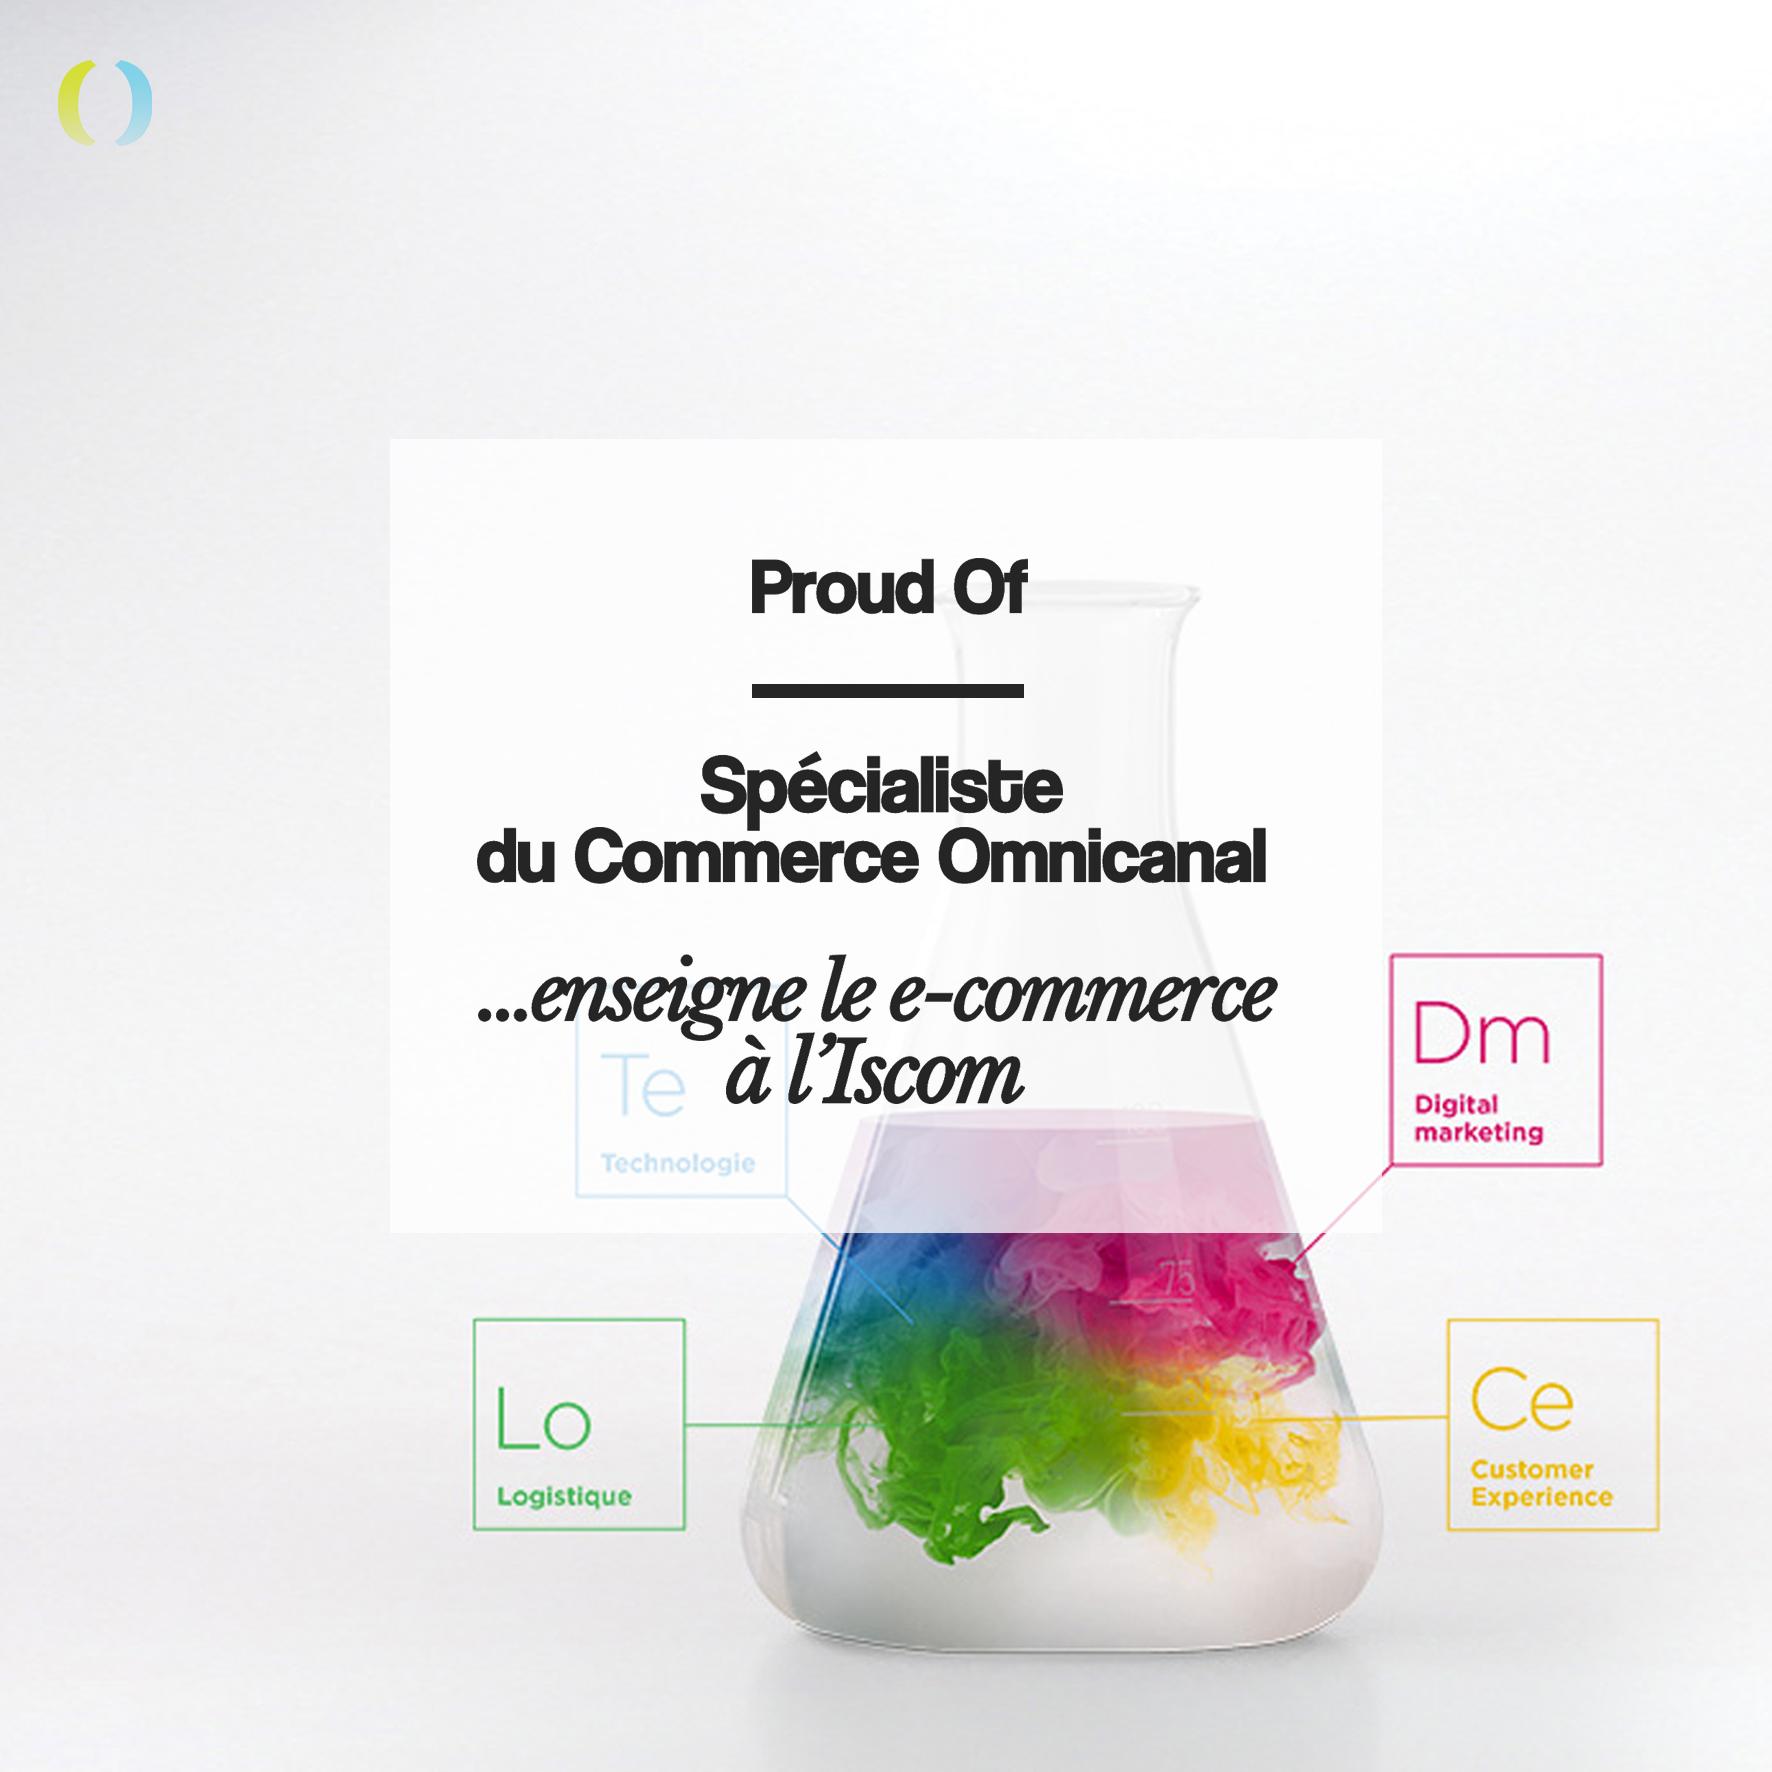 Proud Of - Catherine Galice - Home - Proud Of, spécialiste d commerce omnicanal enseigne le e-commerce à l